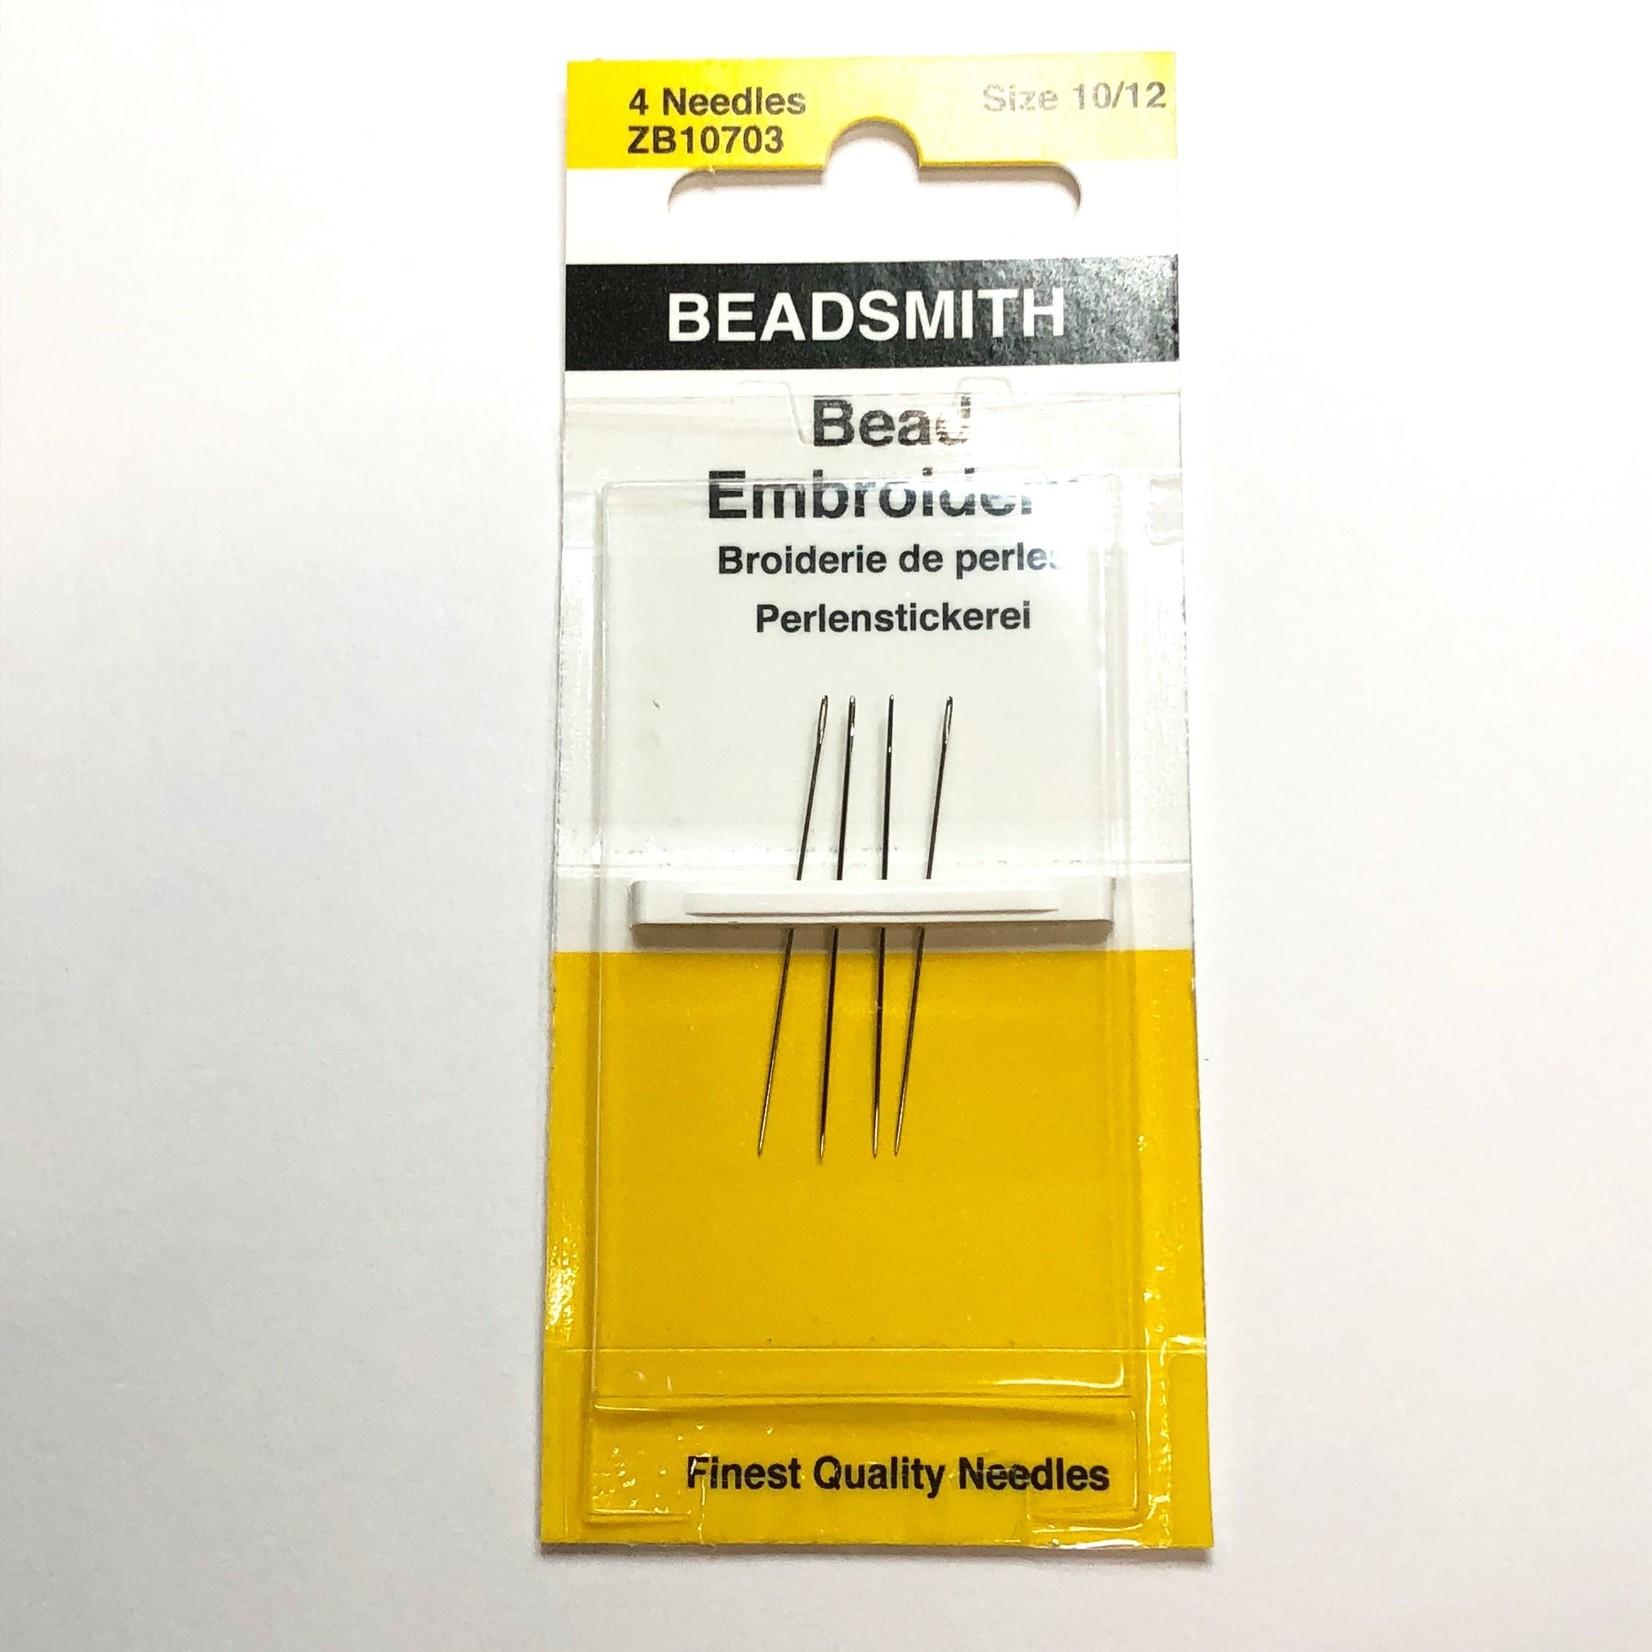 BeadSmith Beadsmith Bead Embroidery Needles #10/12  4pcs